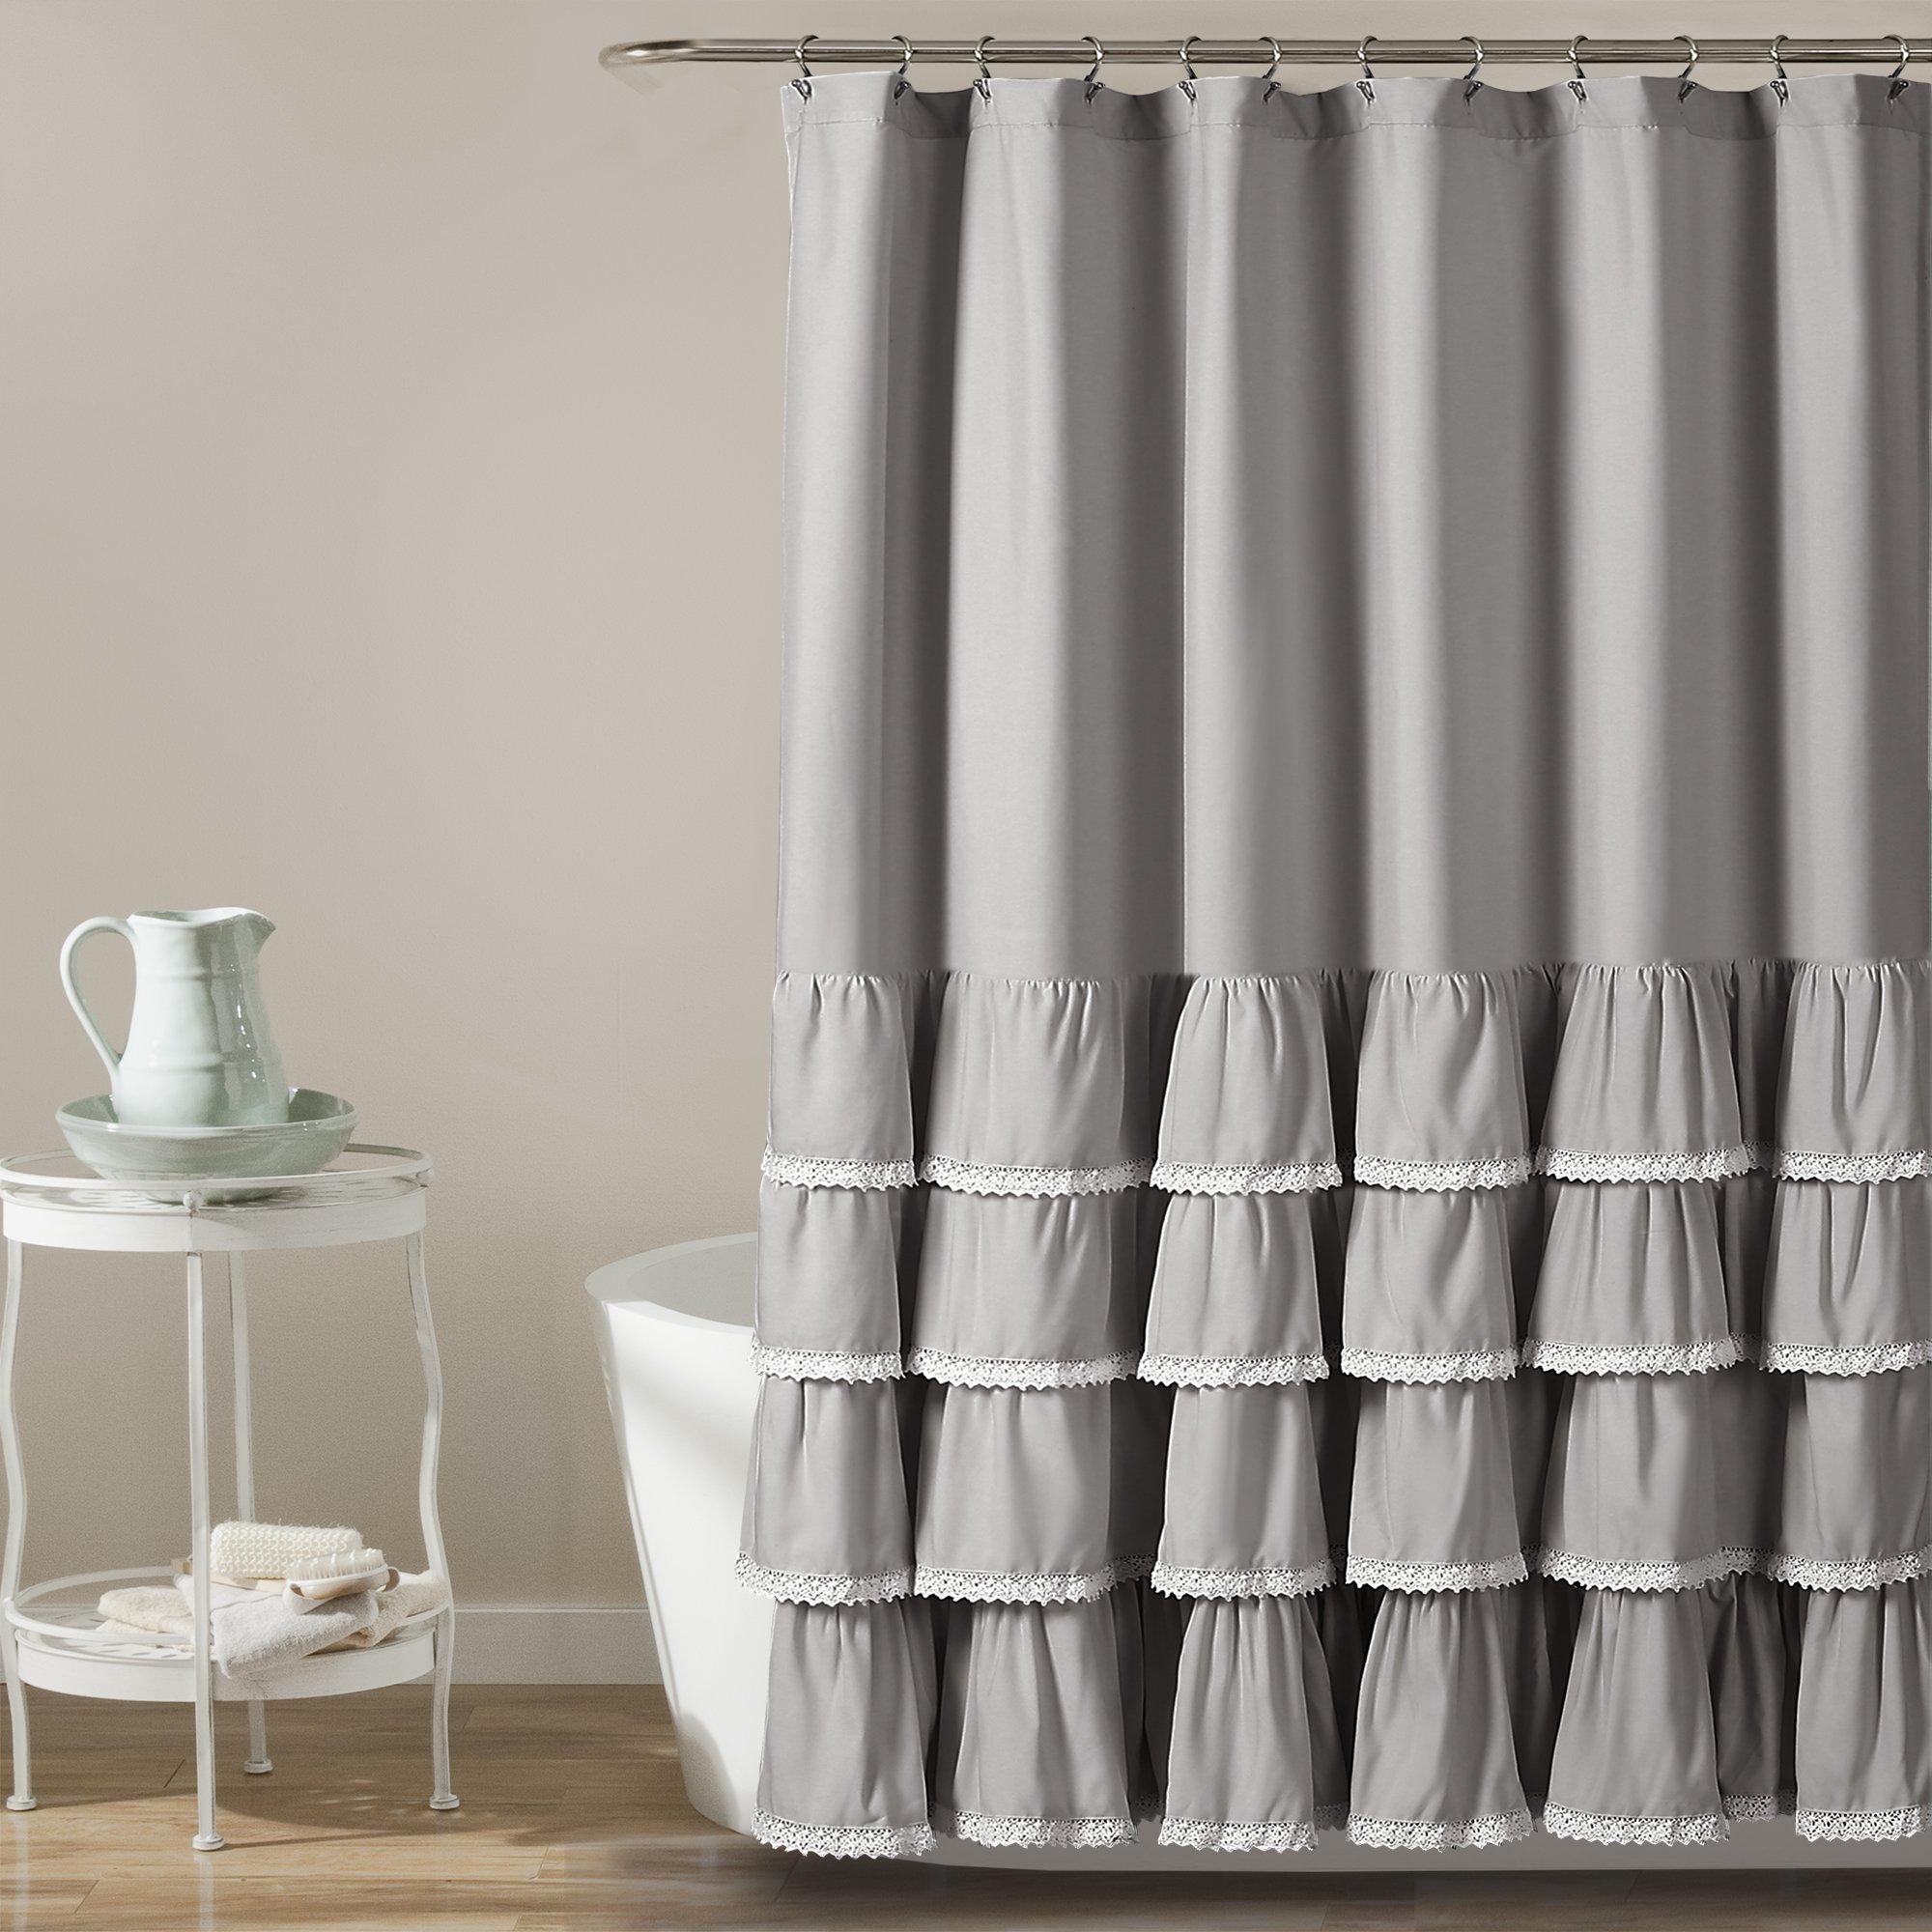 ella lace ruffle shower curtain in 2021 ruffle shower curtains lace shower curtains gray shower curtains